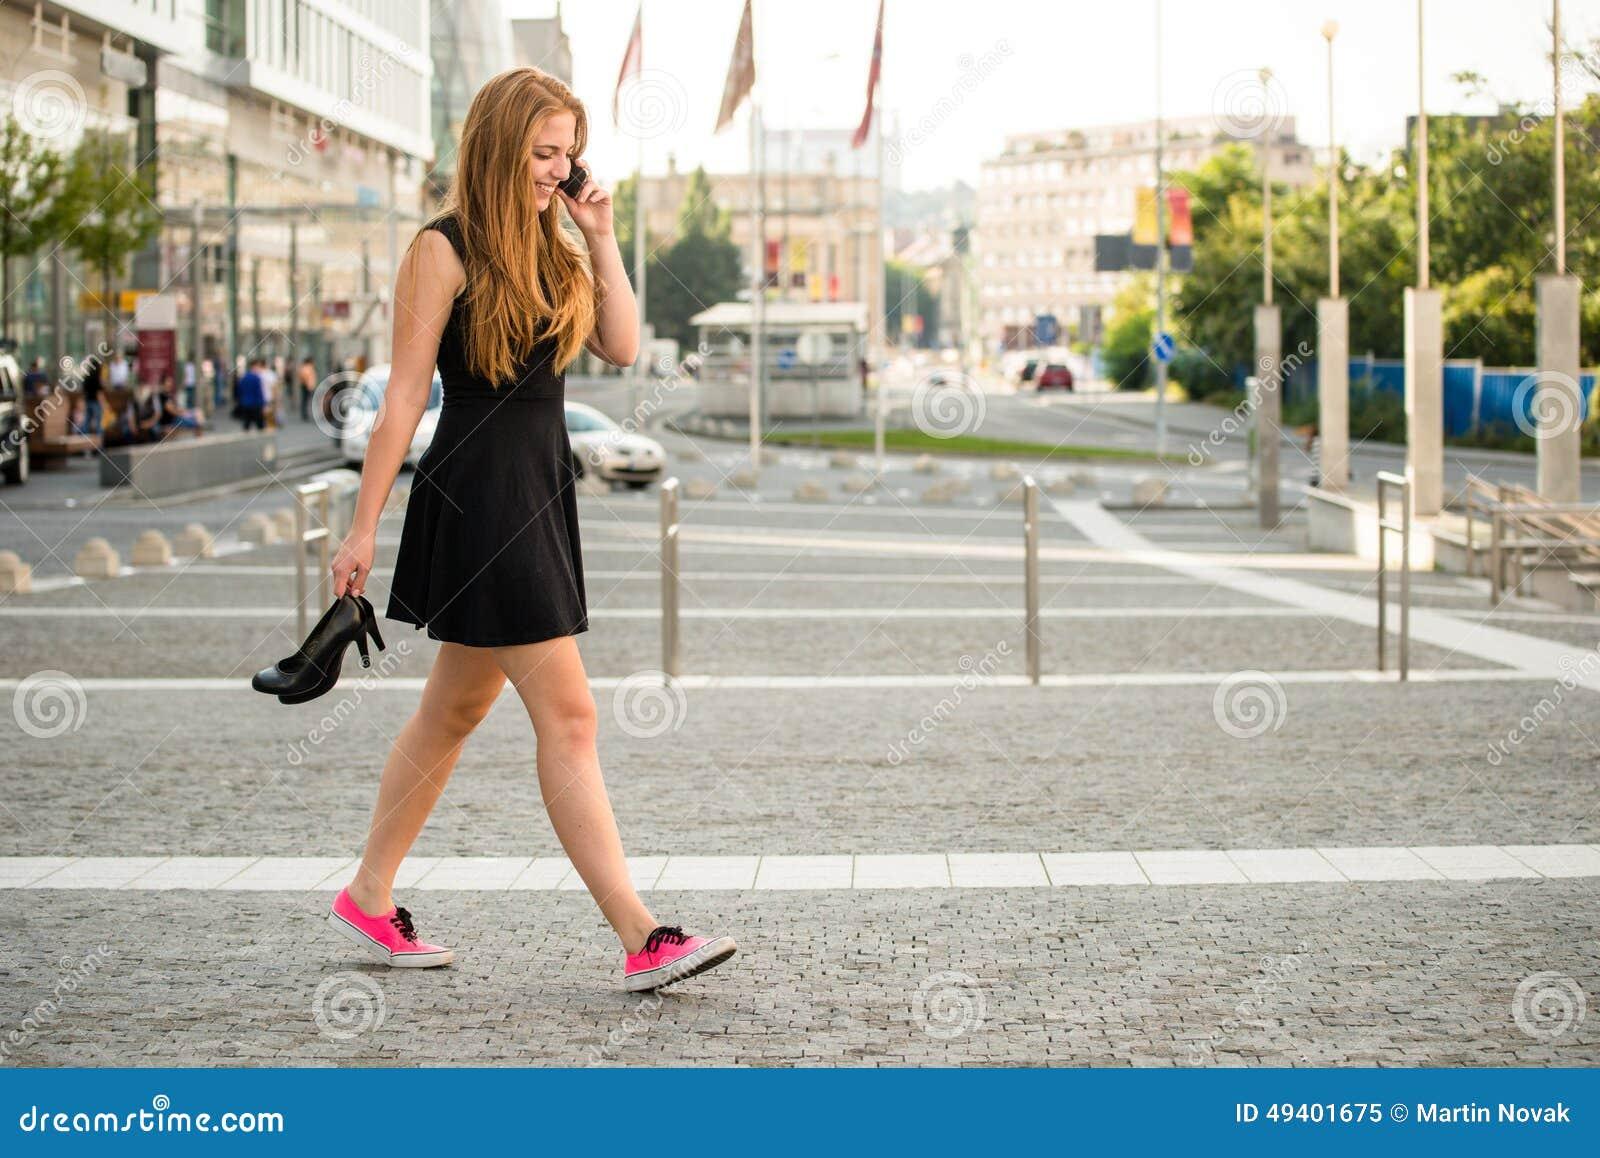 Download Jugendlicher, Der Hinunter Straße Geht Stockbild - Bild von draußen, turnschuhe: 49401675